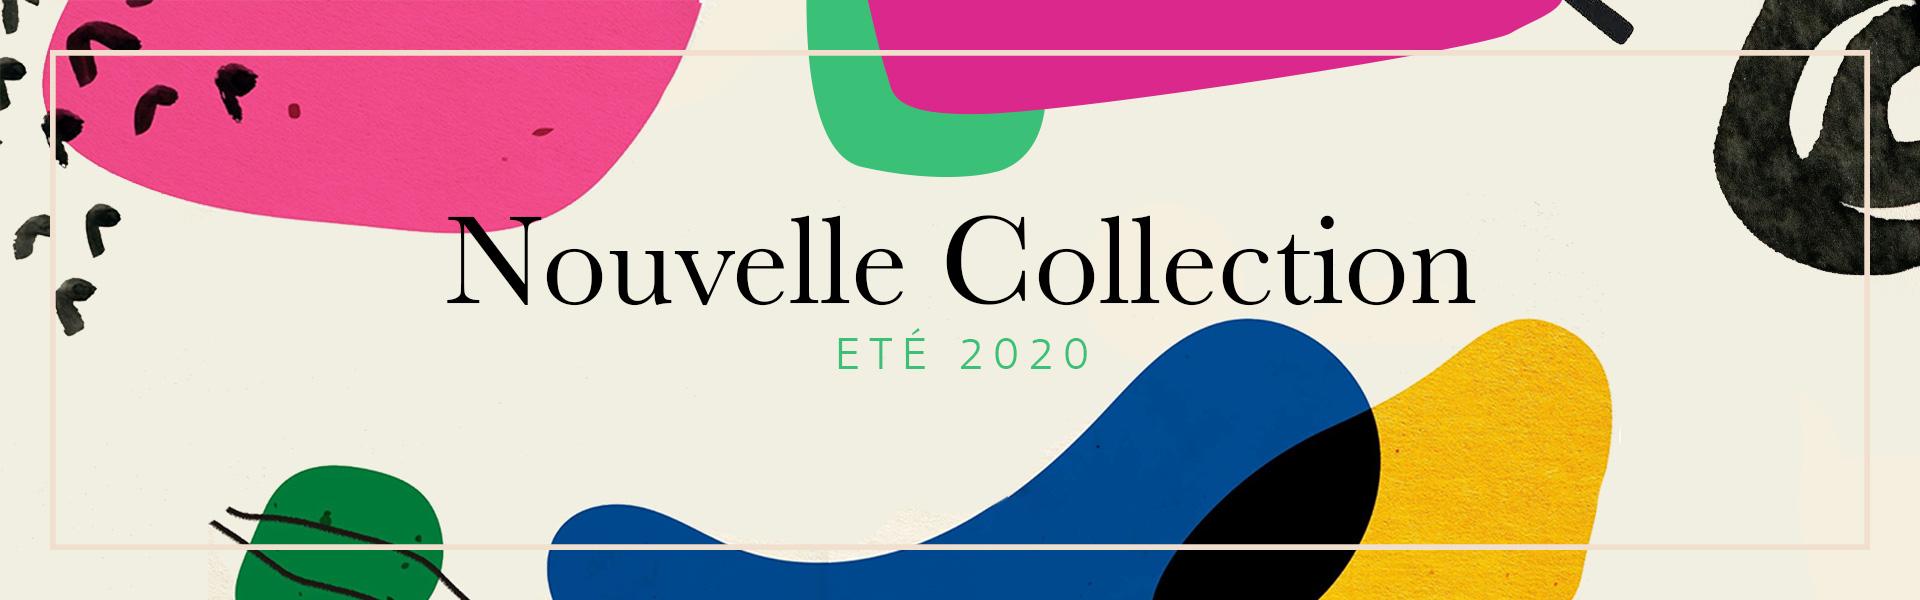 1-20200605-NOUVELLECOLLECTION